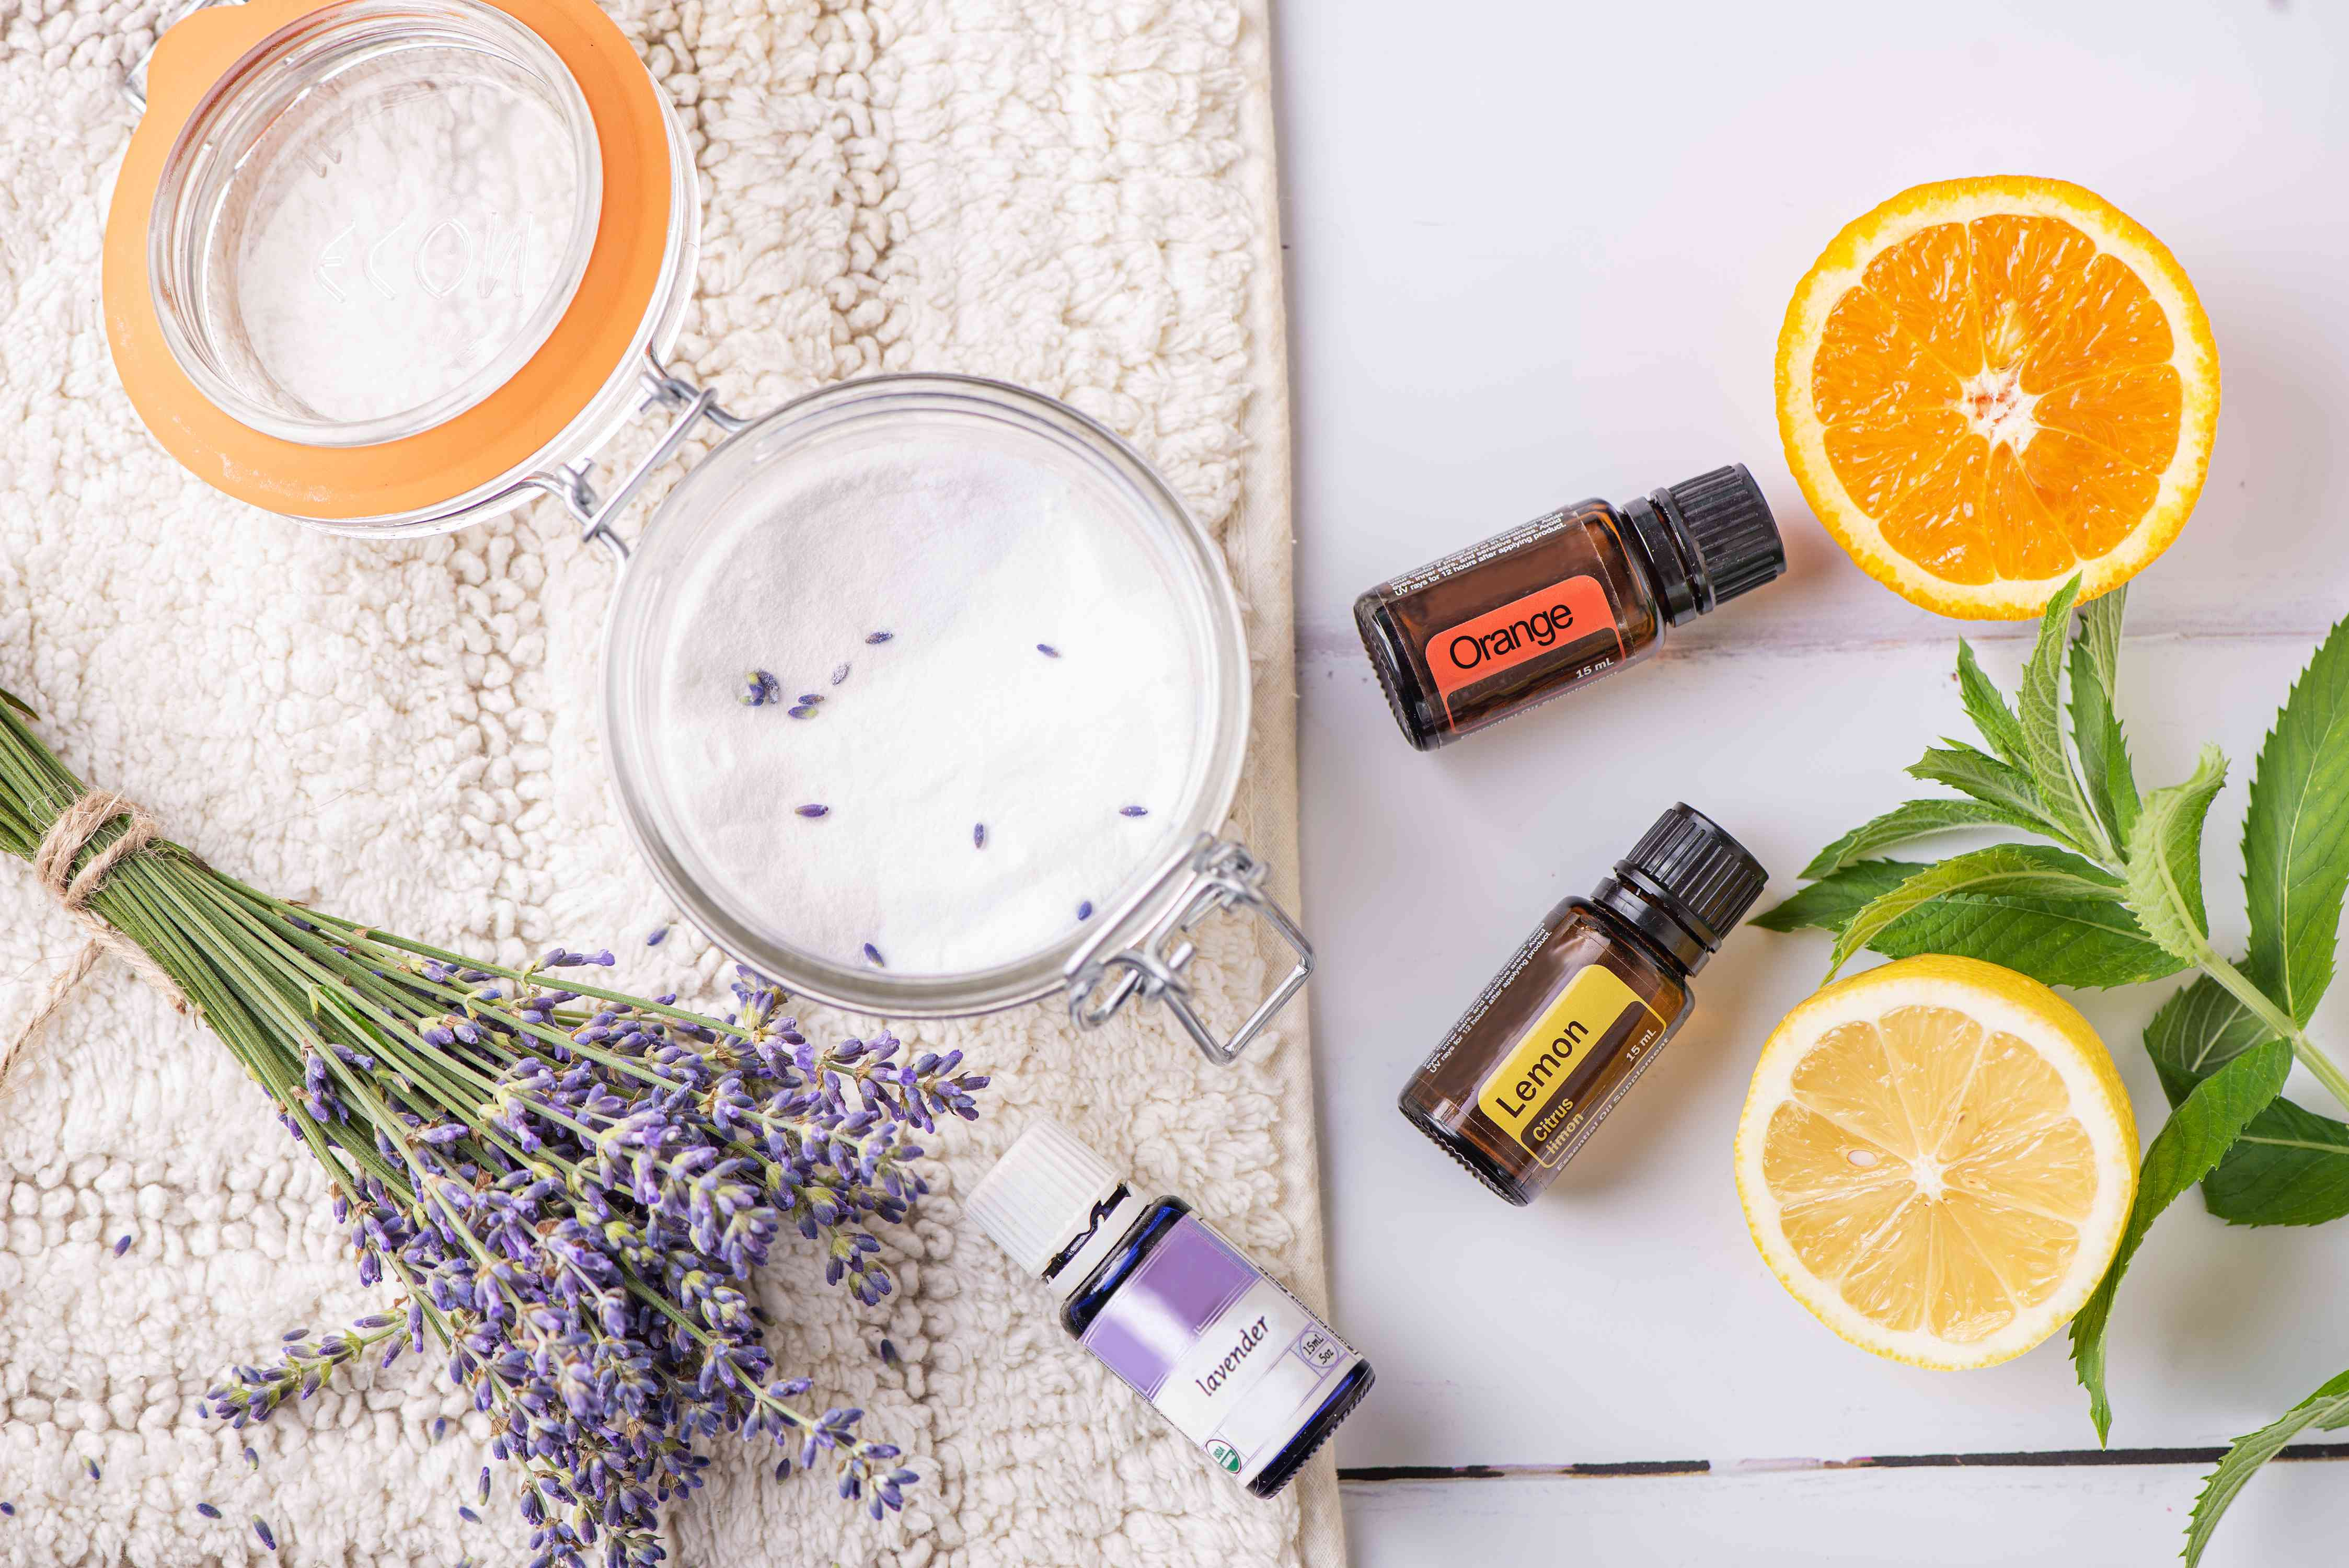 ingredients for natural rug freshener